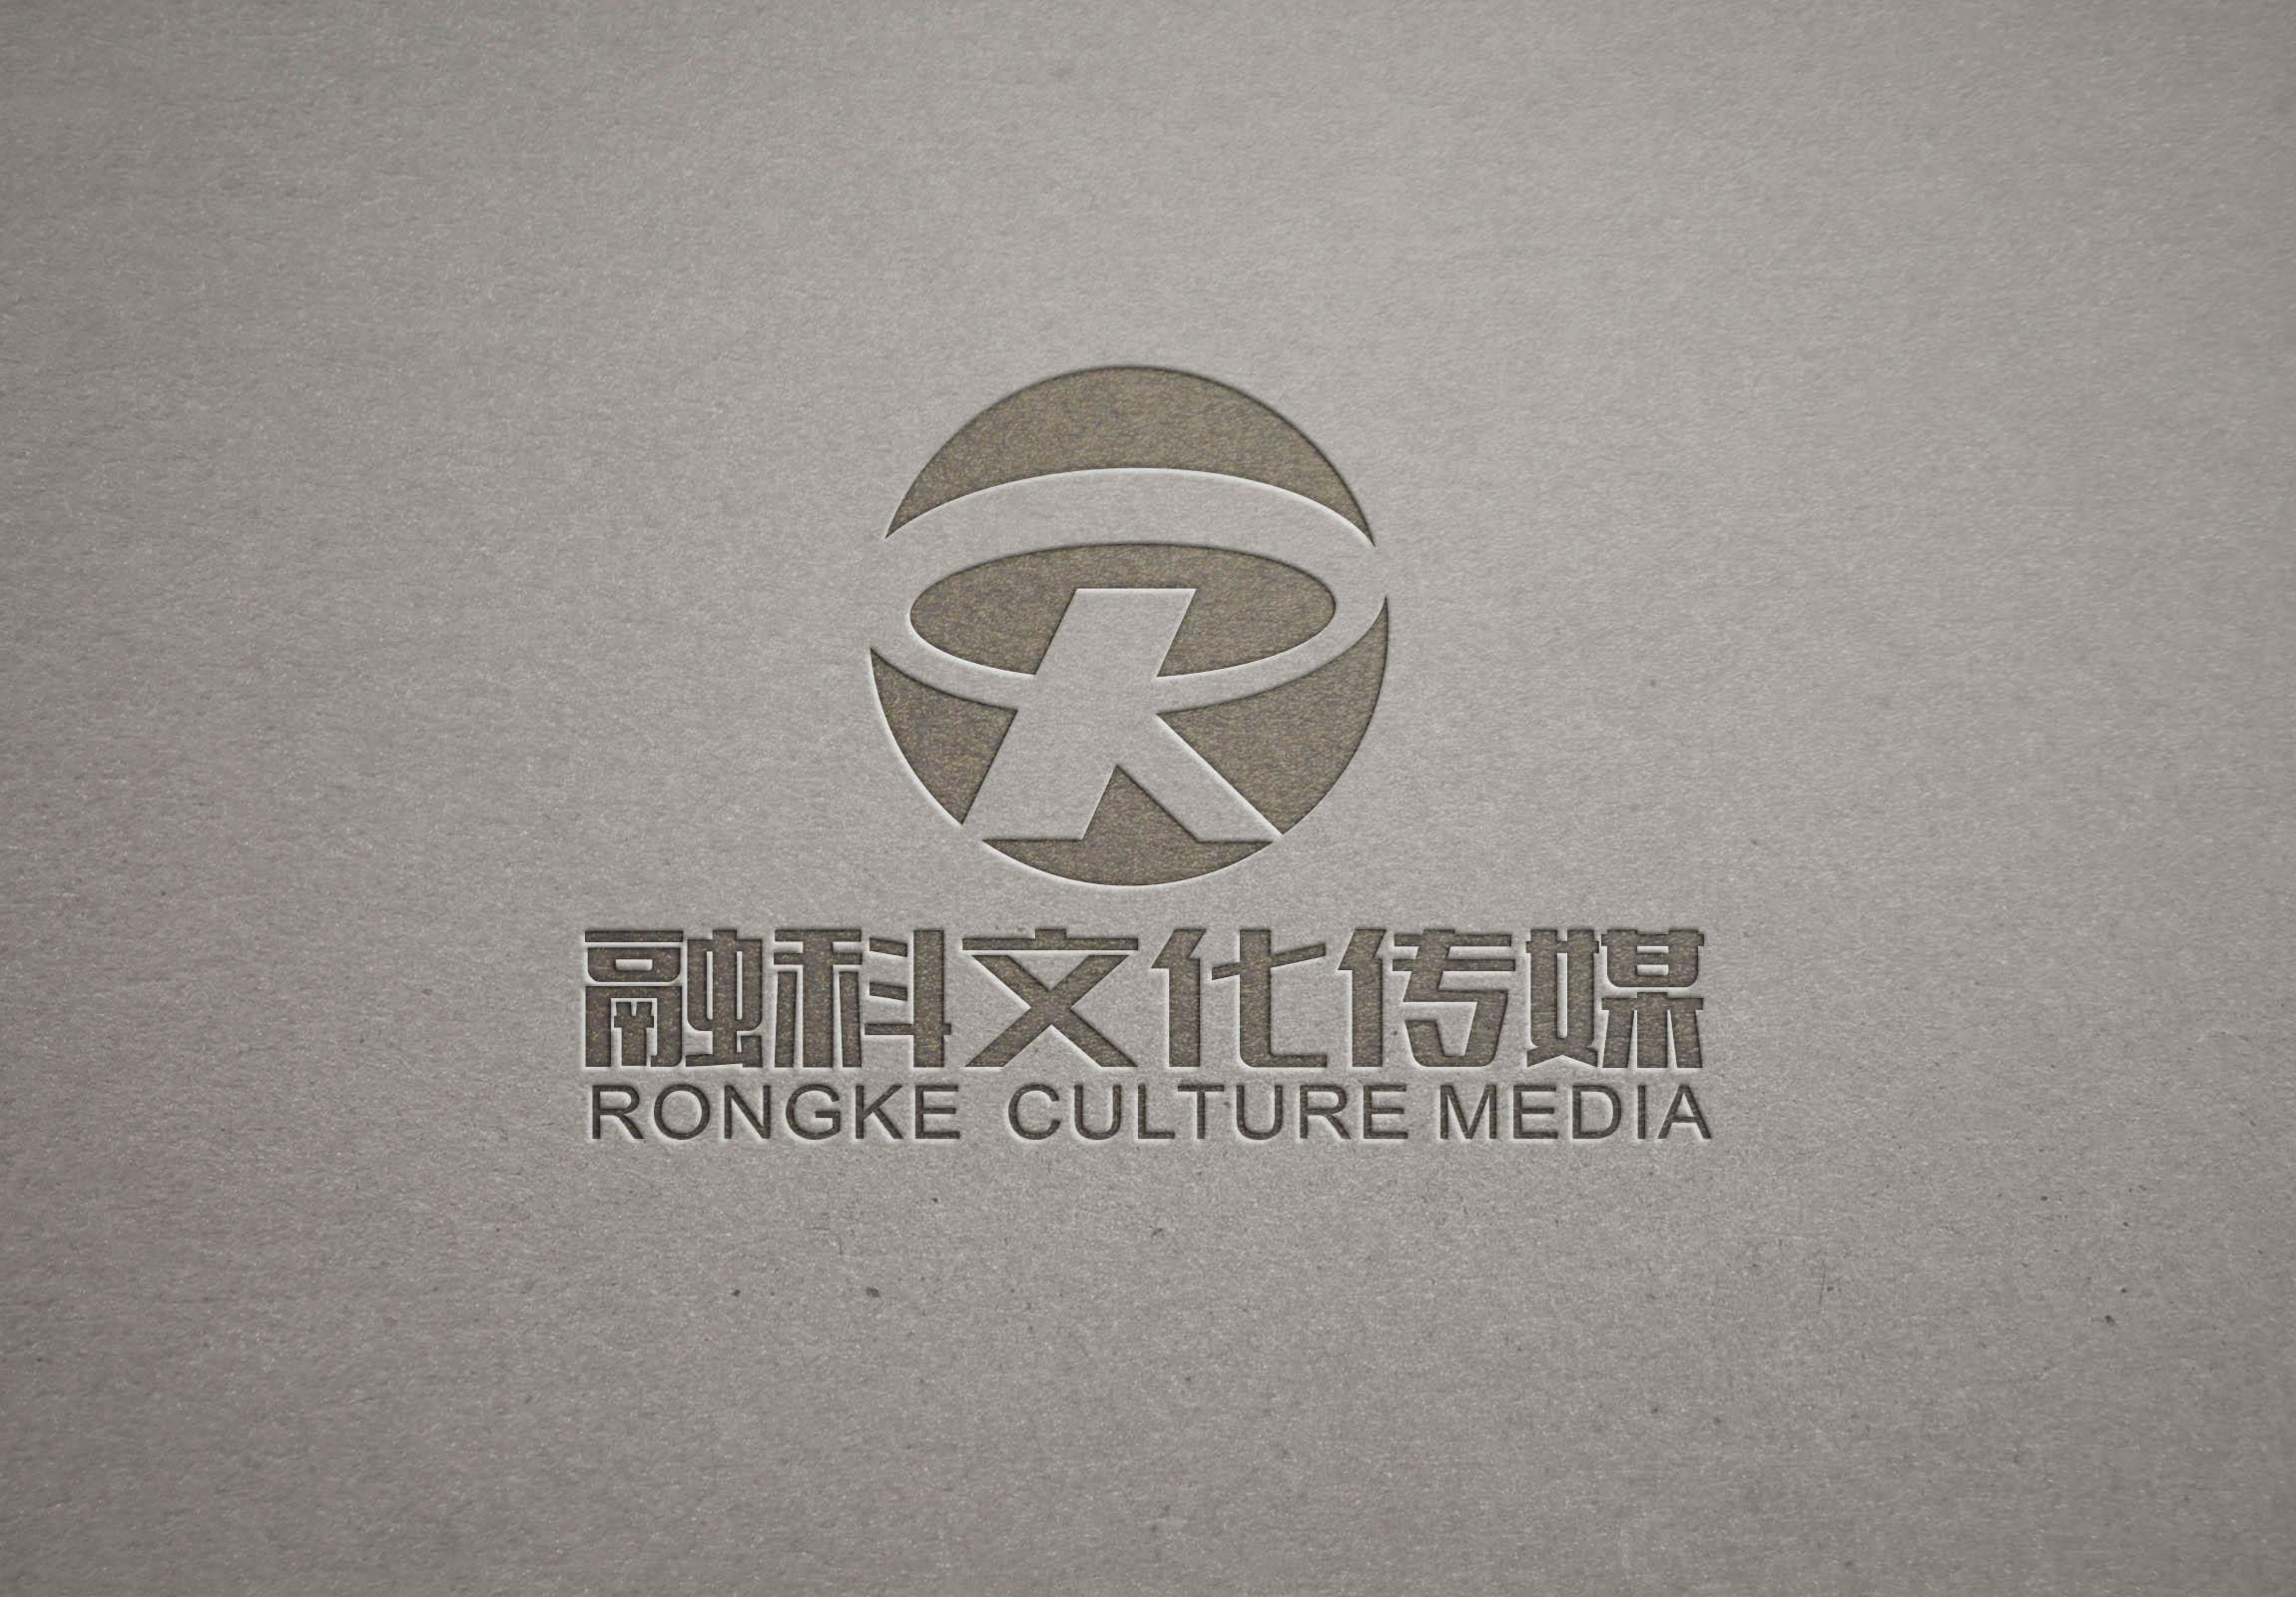 广告传媒公司LOGO设计(4天)_3034439_k68威客网